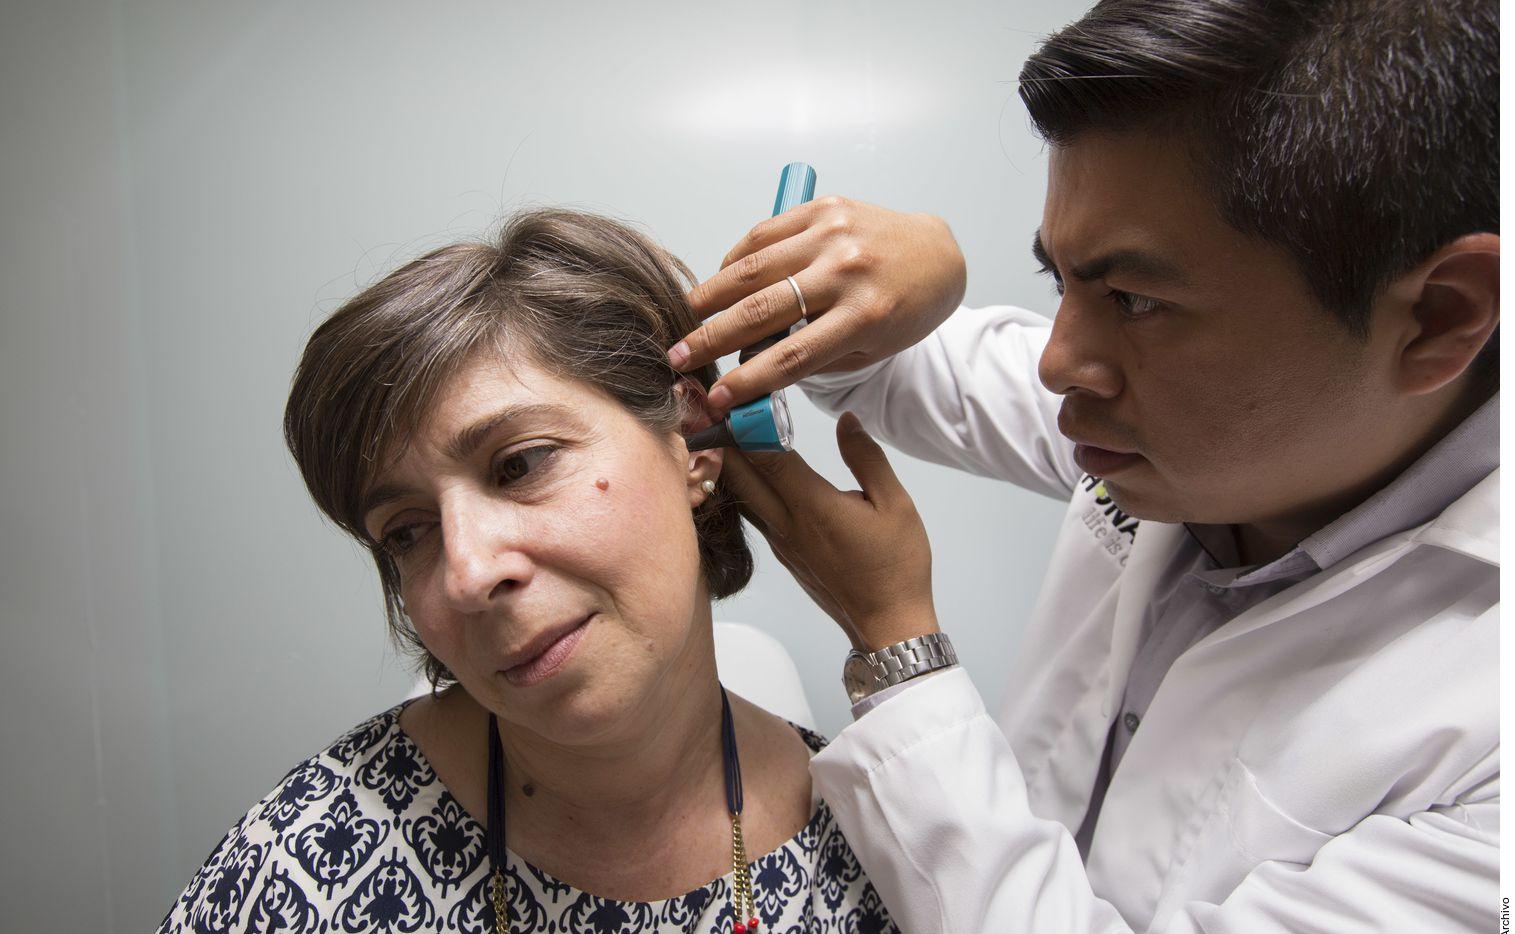 La cera en los oídos no indica suciedad, como muchos creen, sino que se trata de una secreción creada por las glándulas ceruminosas que protege de infecciones y lubrica.